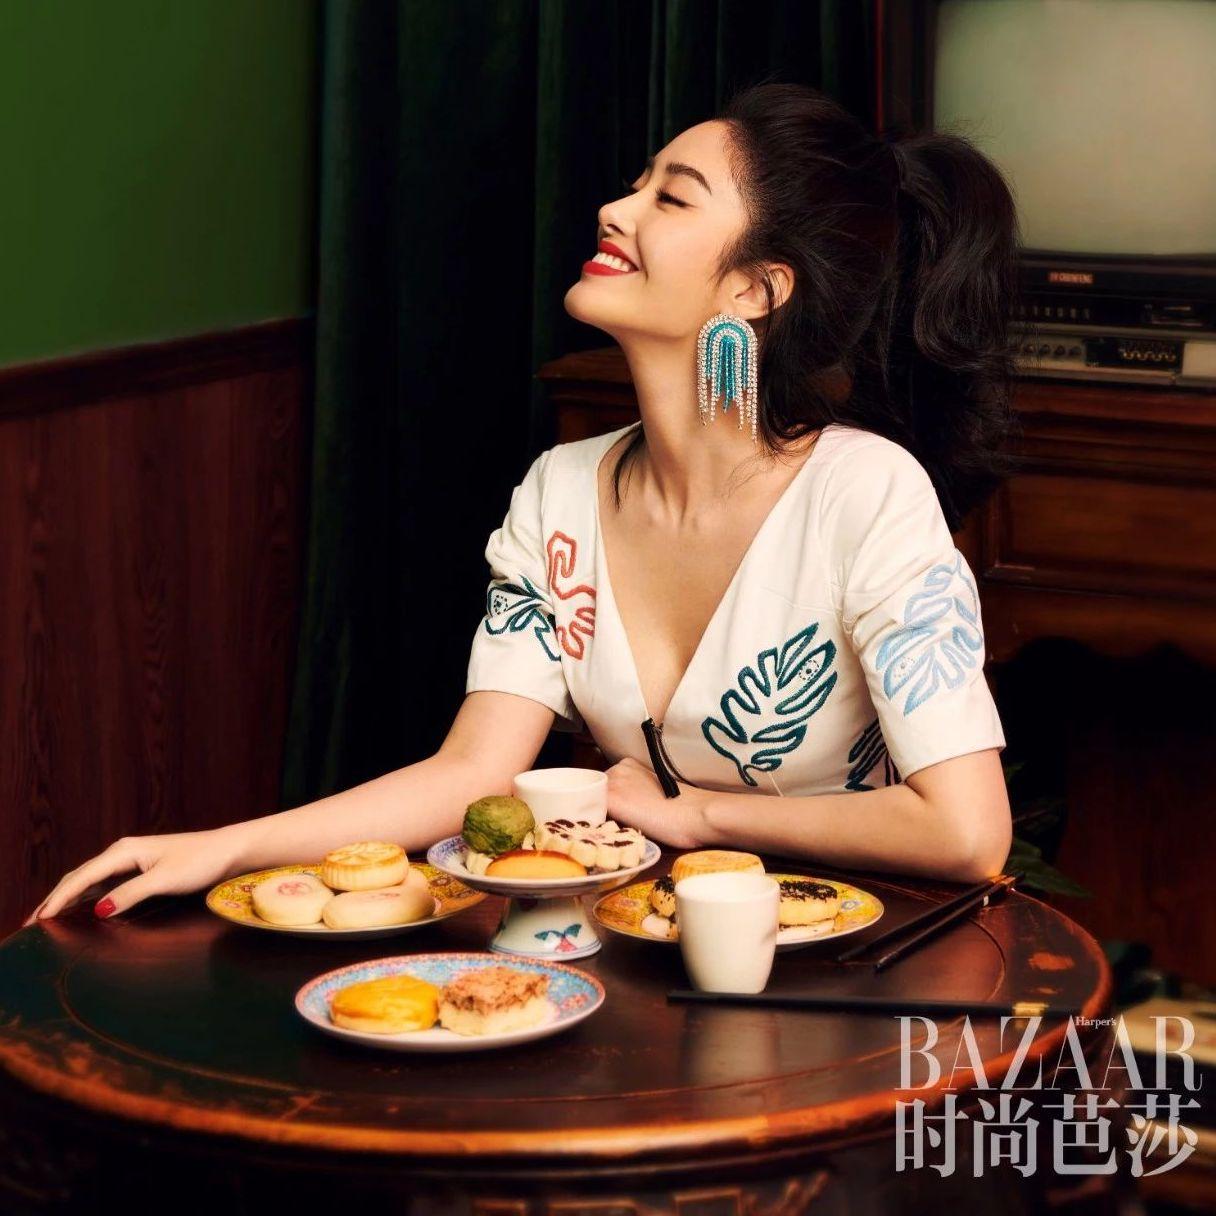 杨采钰陪你过春节:心安处便是家